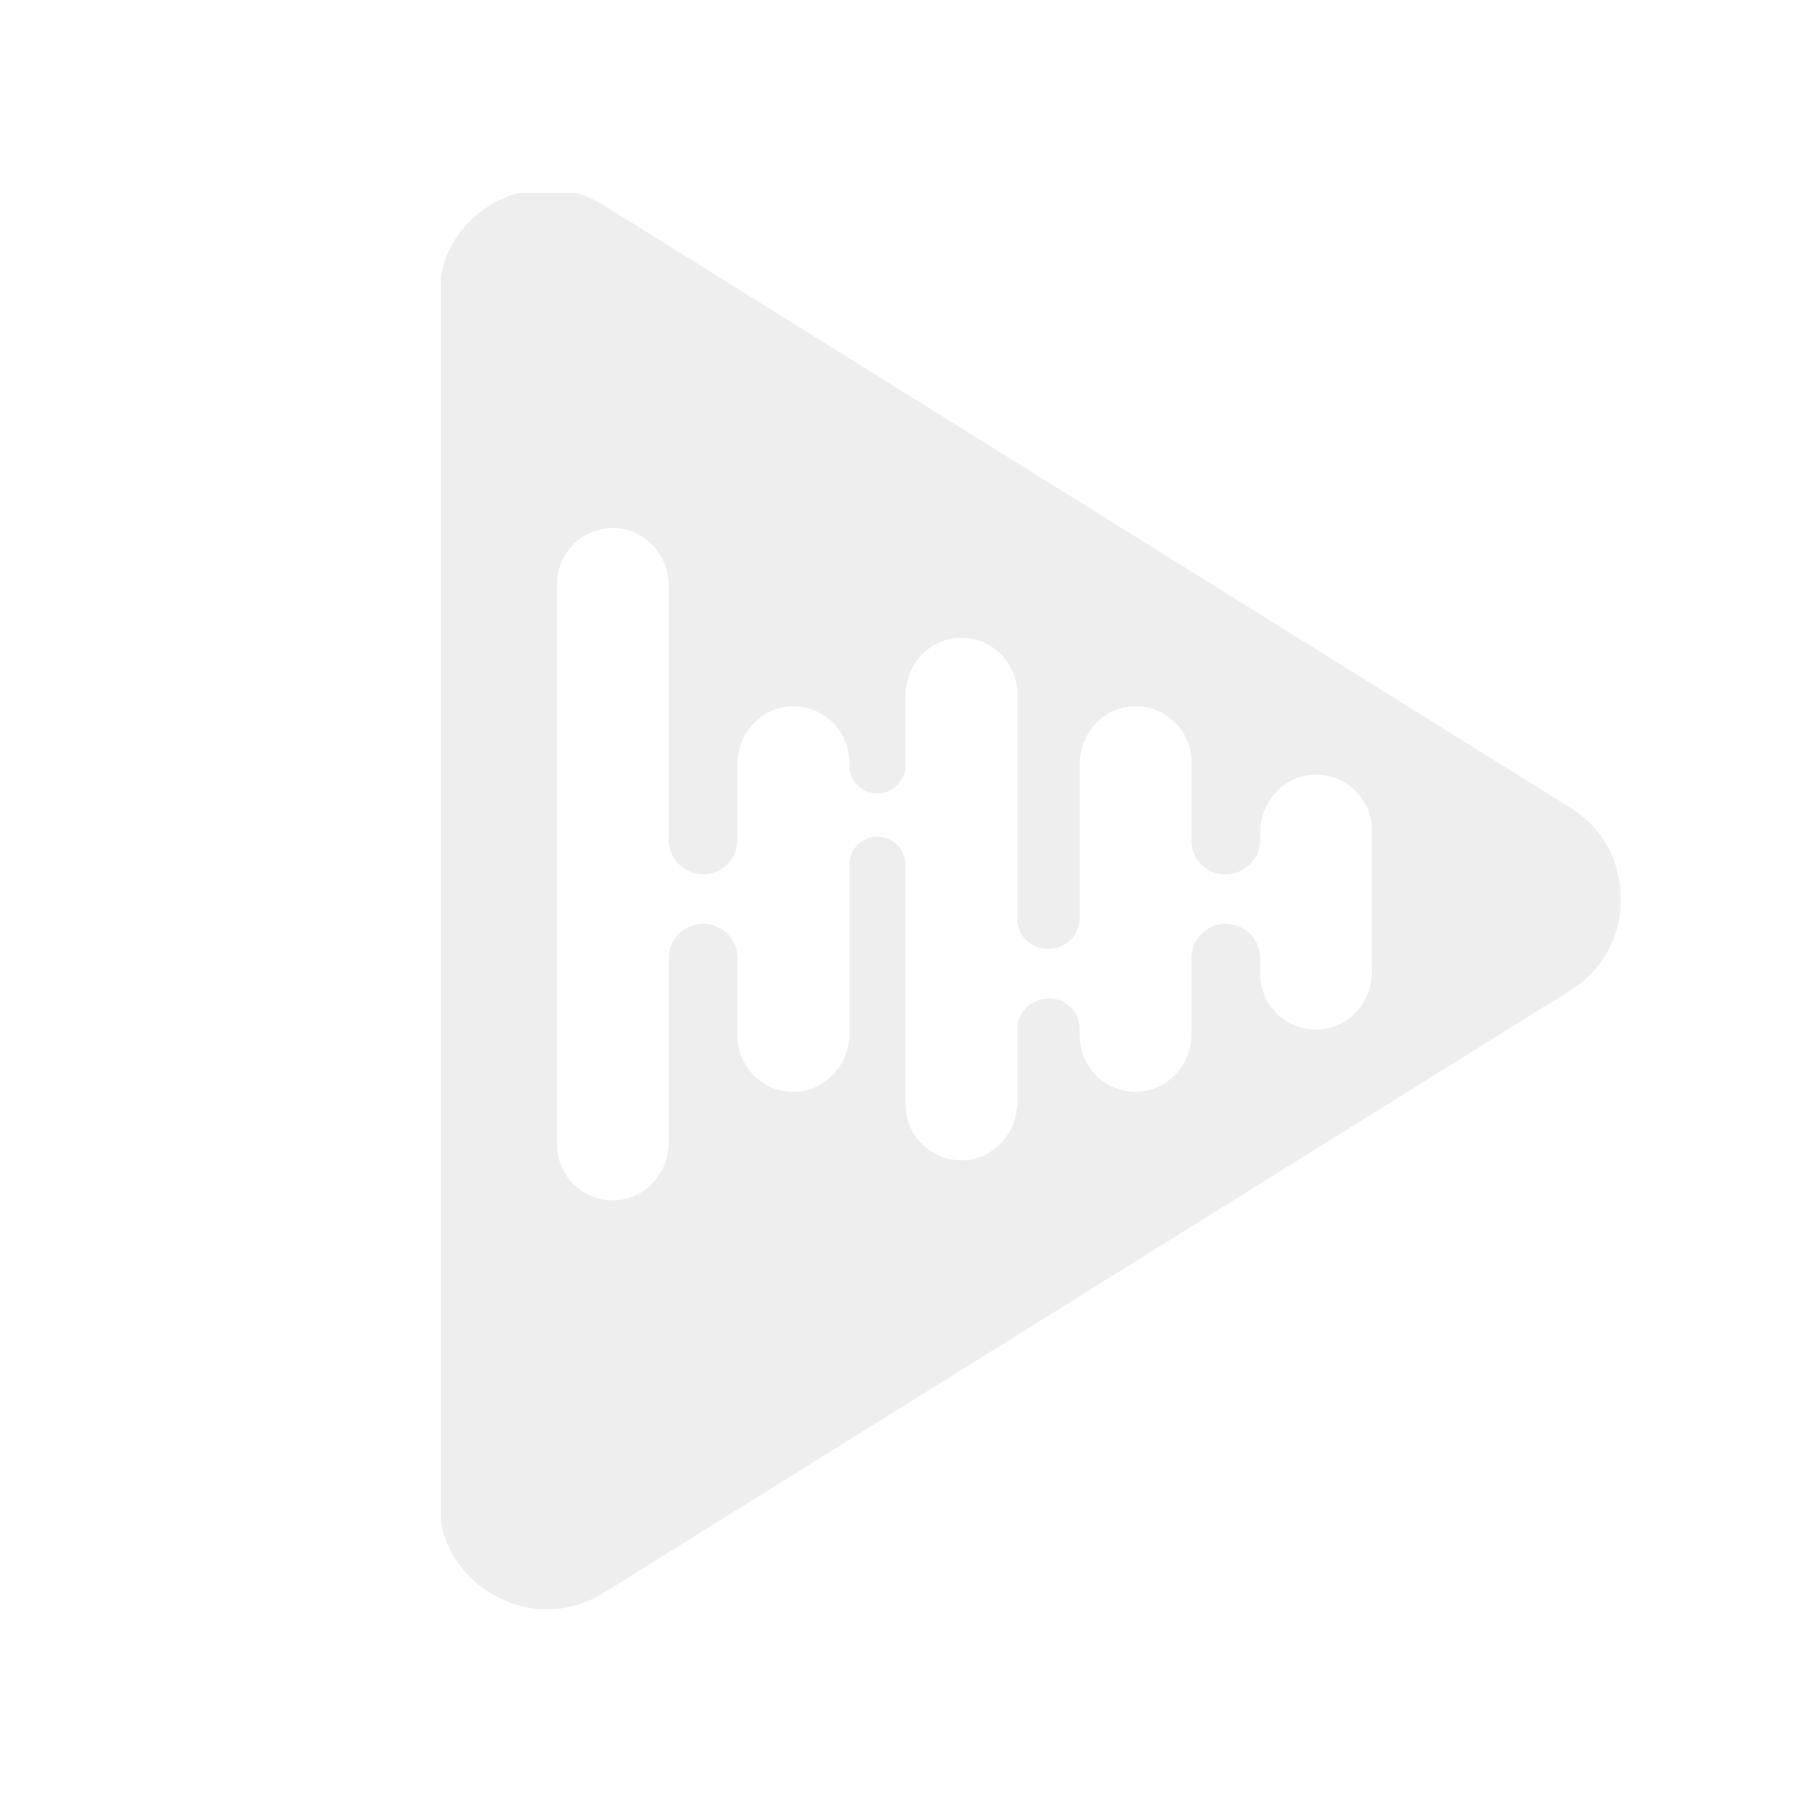 Incartec 29-628HKM